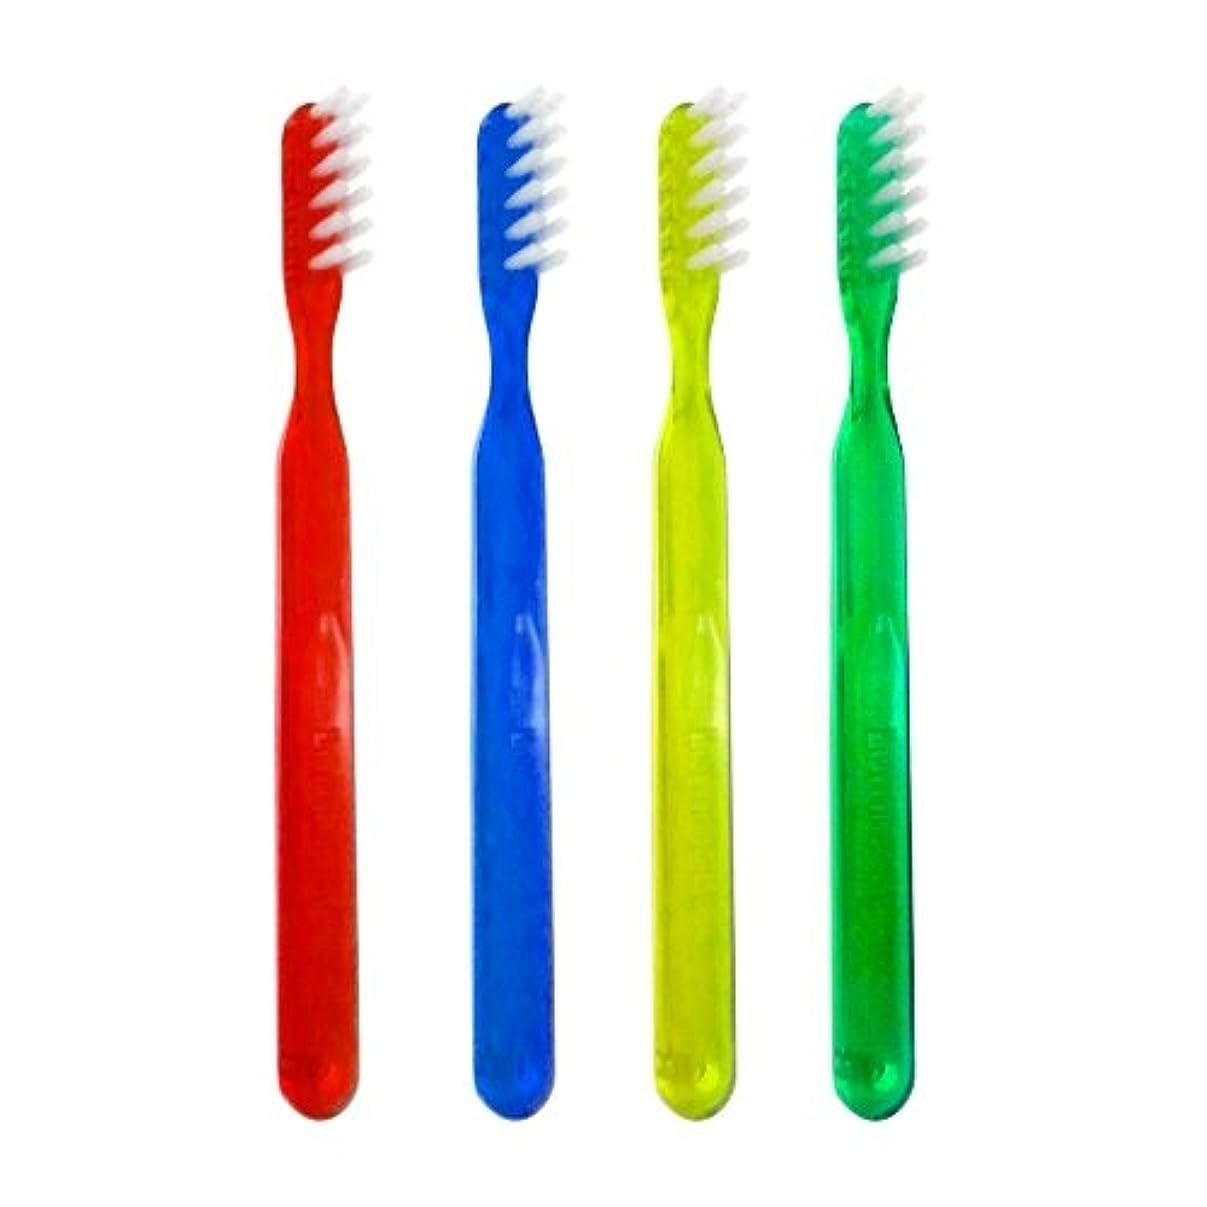 構成員根絶するびんヘレウス ルミデント 歯ブラシ 1本 ローリングH